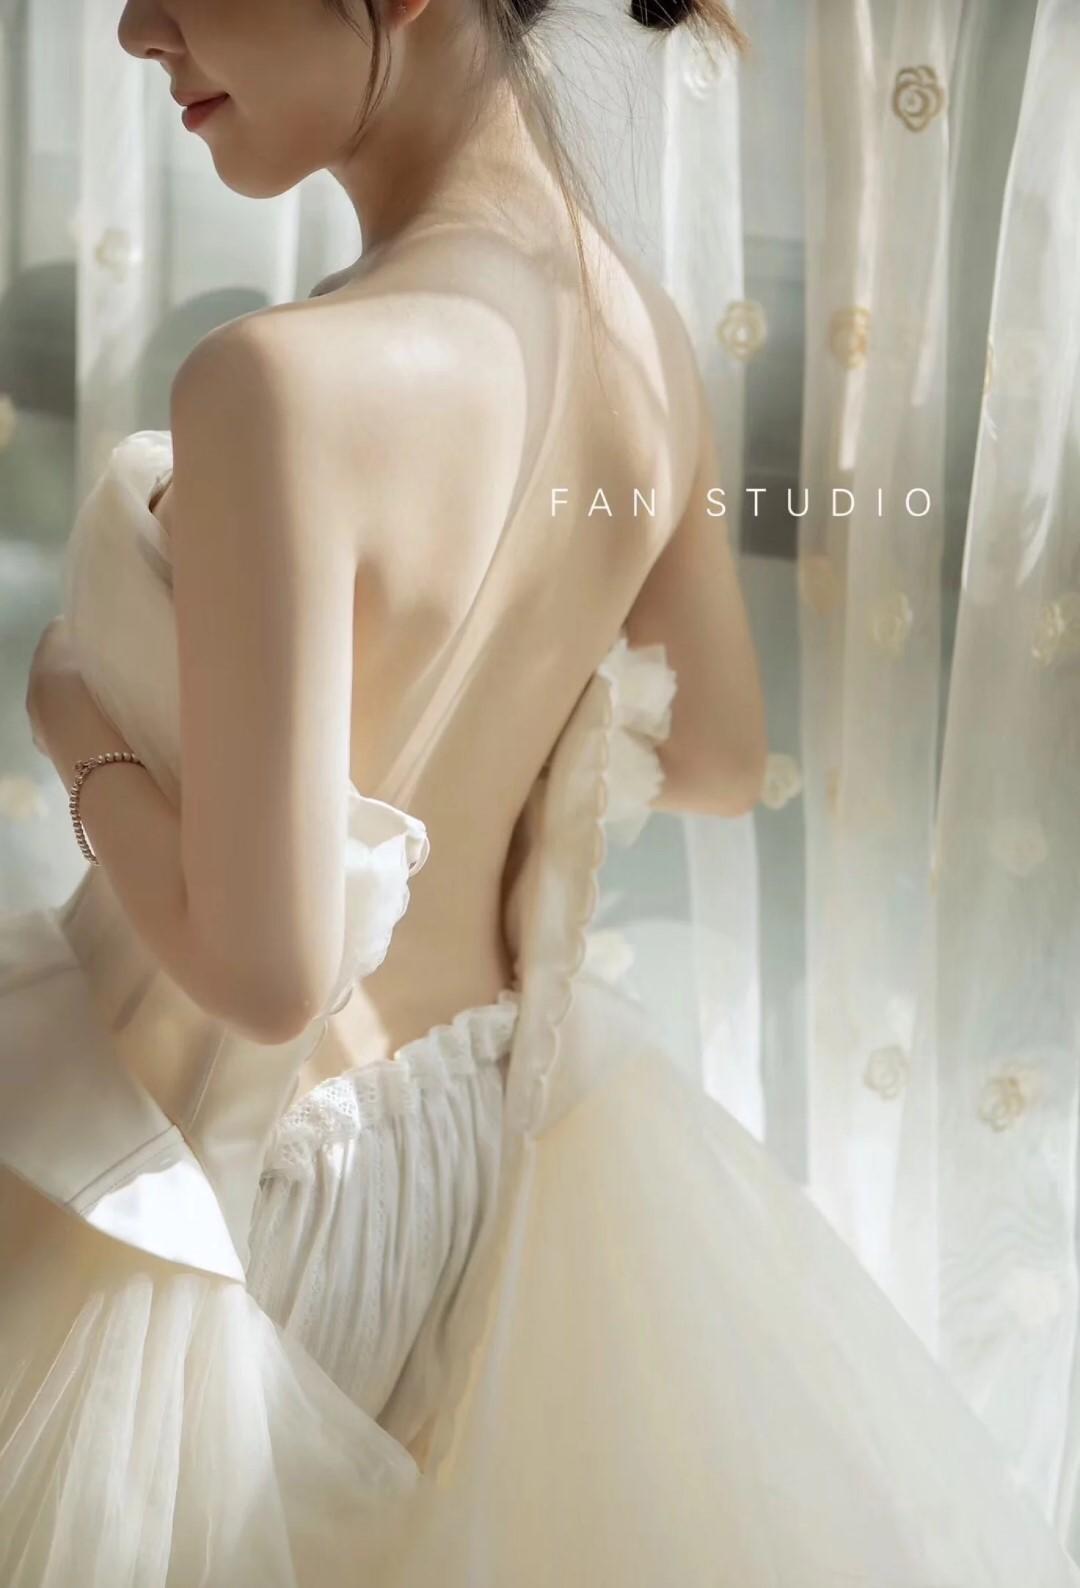 婚礼选拍——私房照片